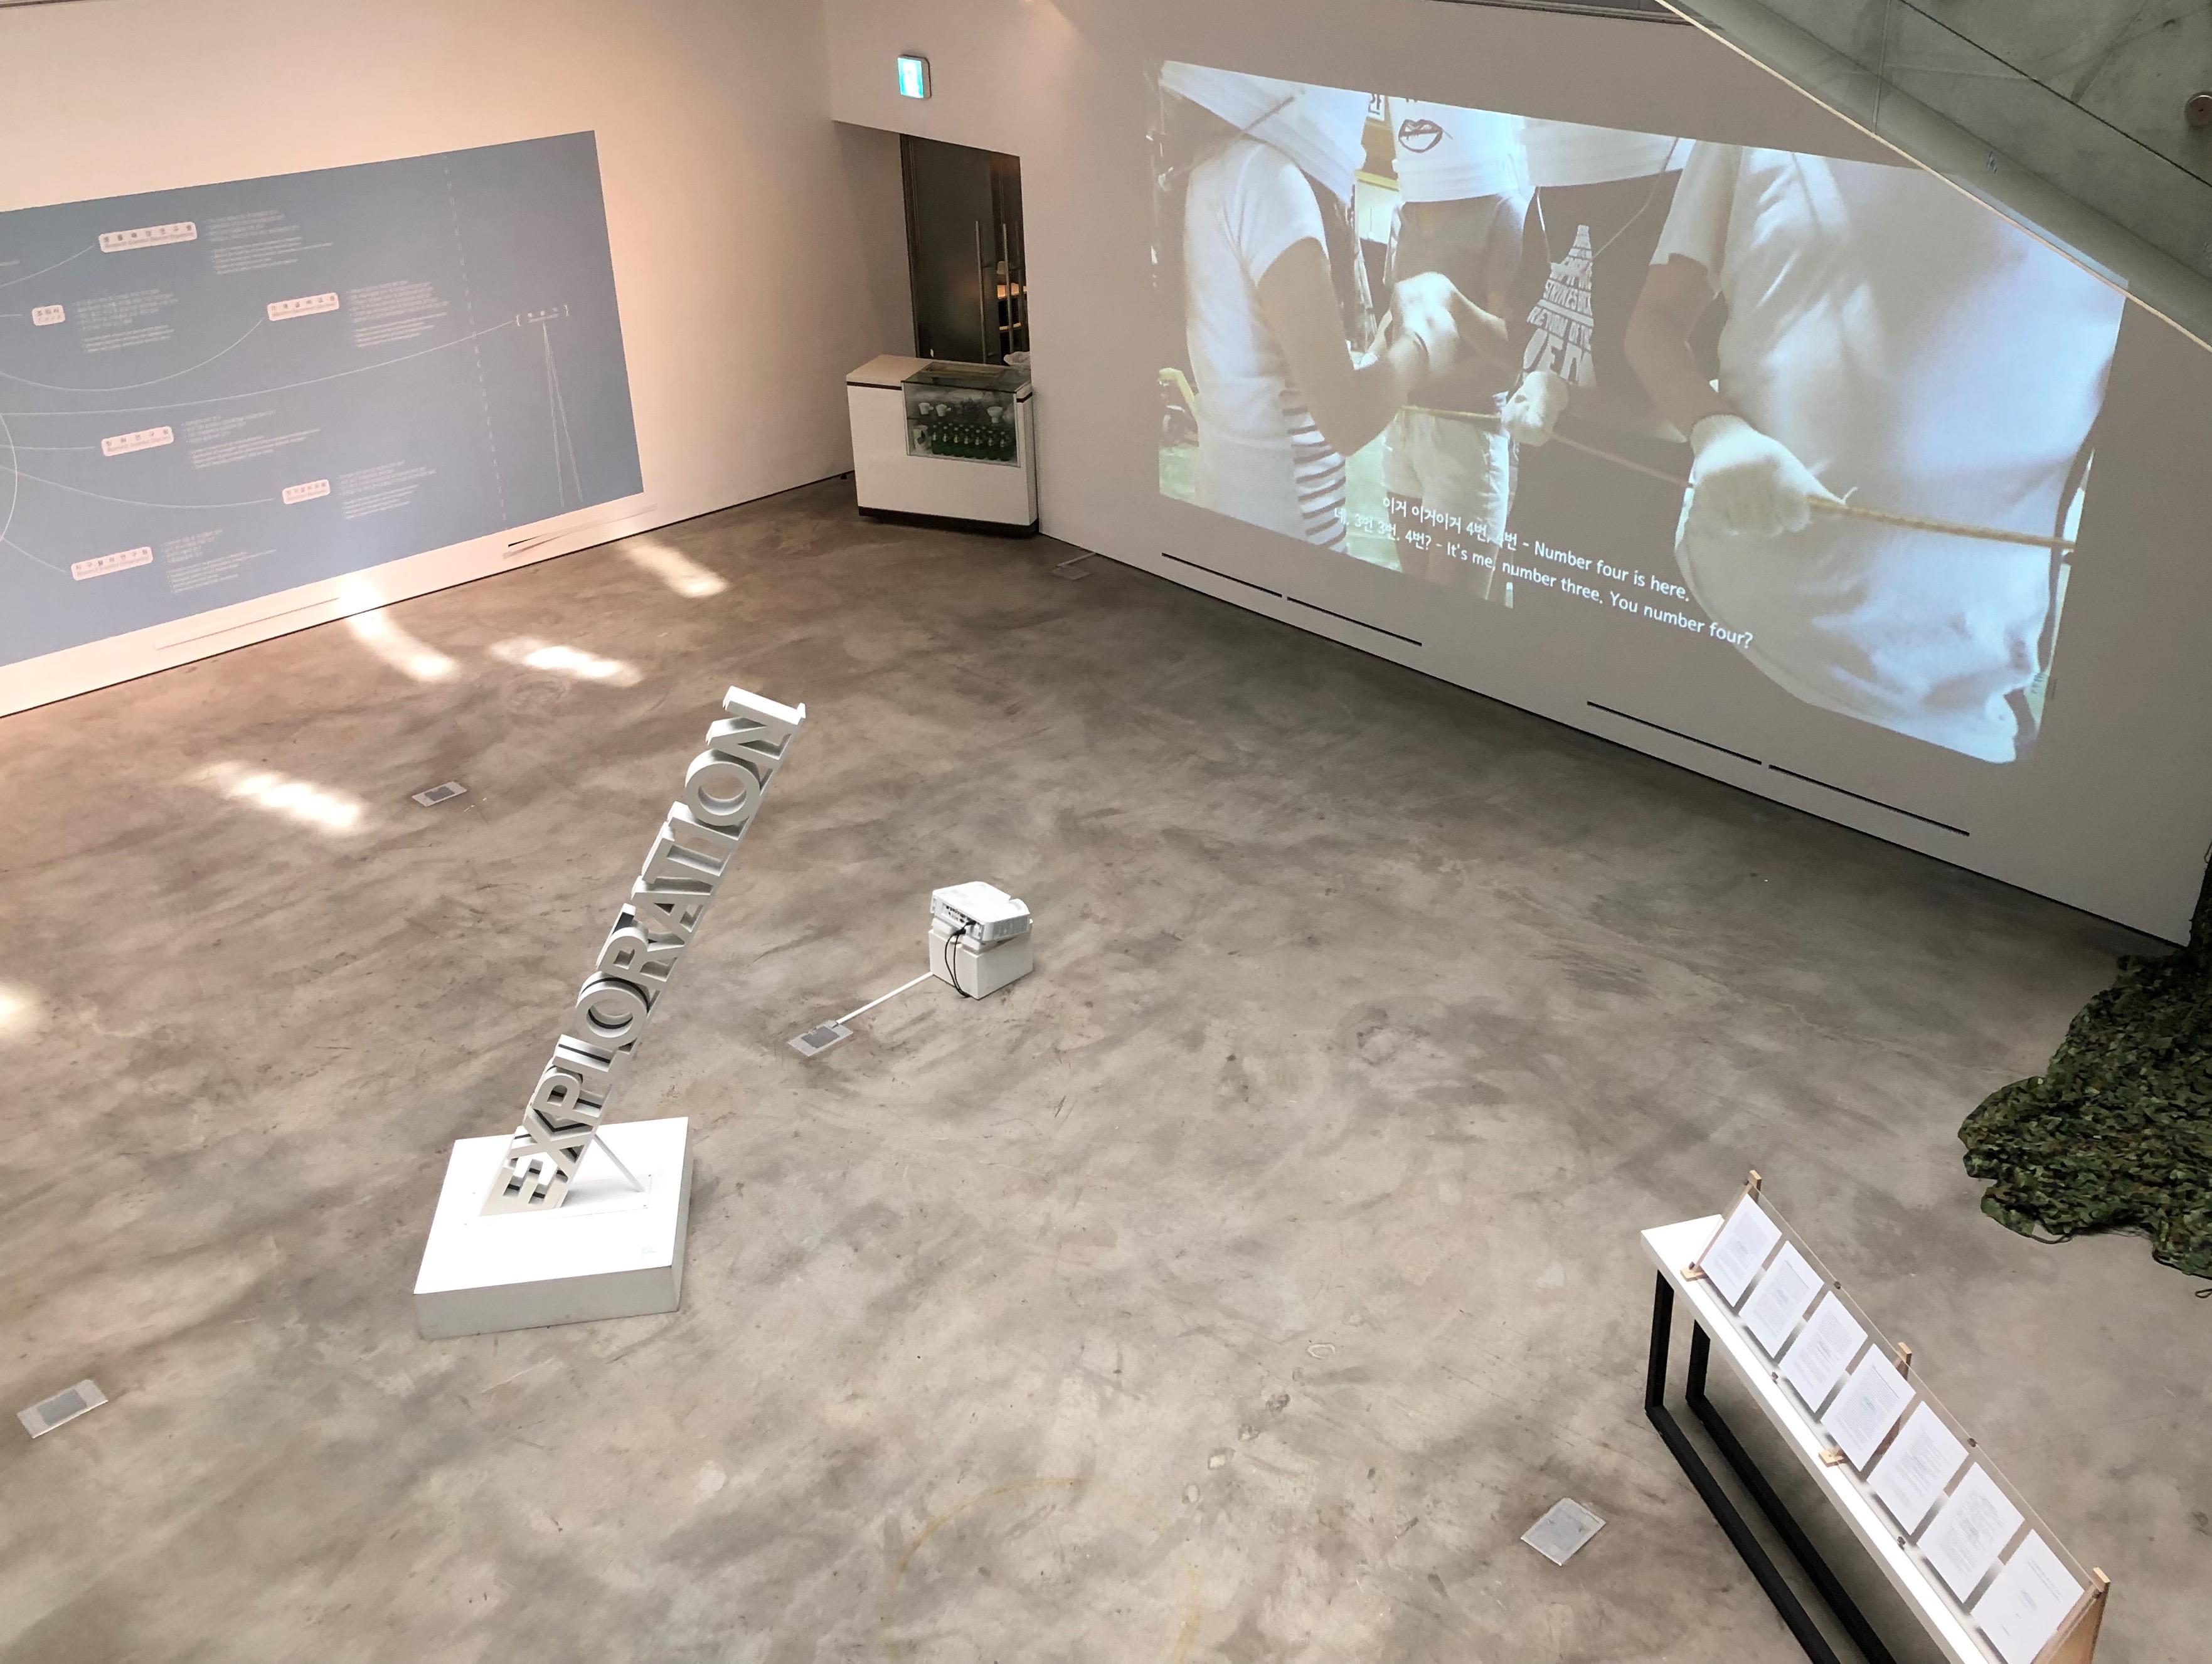 전시 전경, 서울대학교 미술관